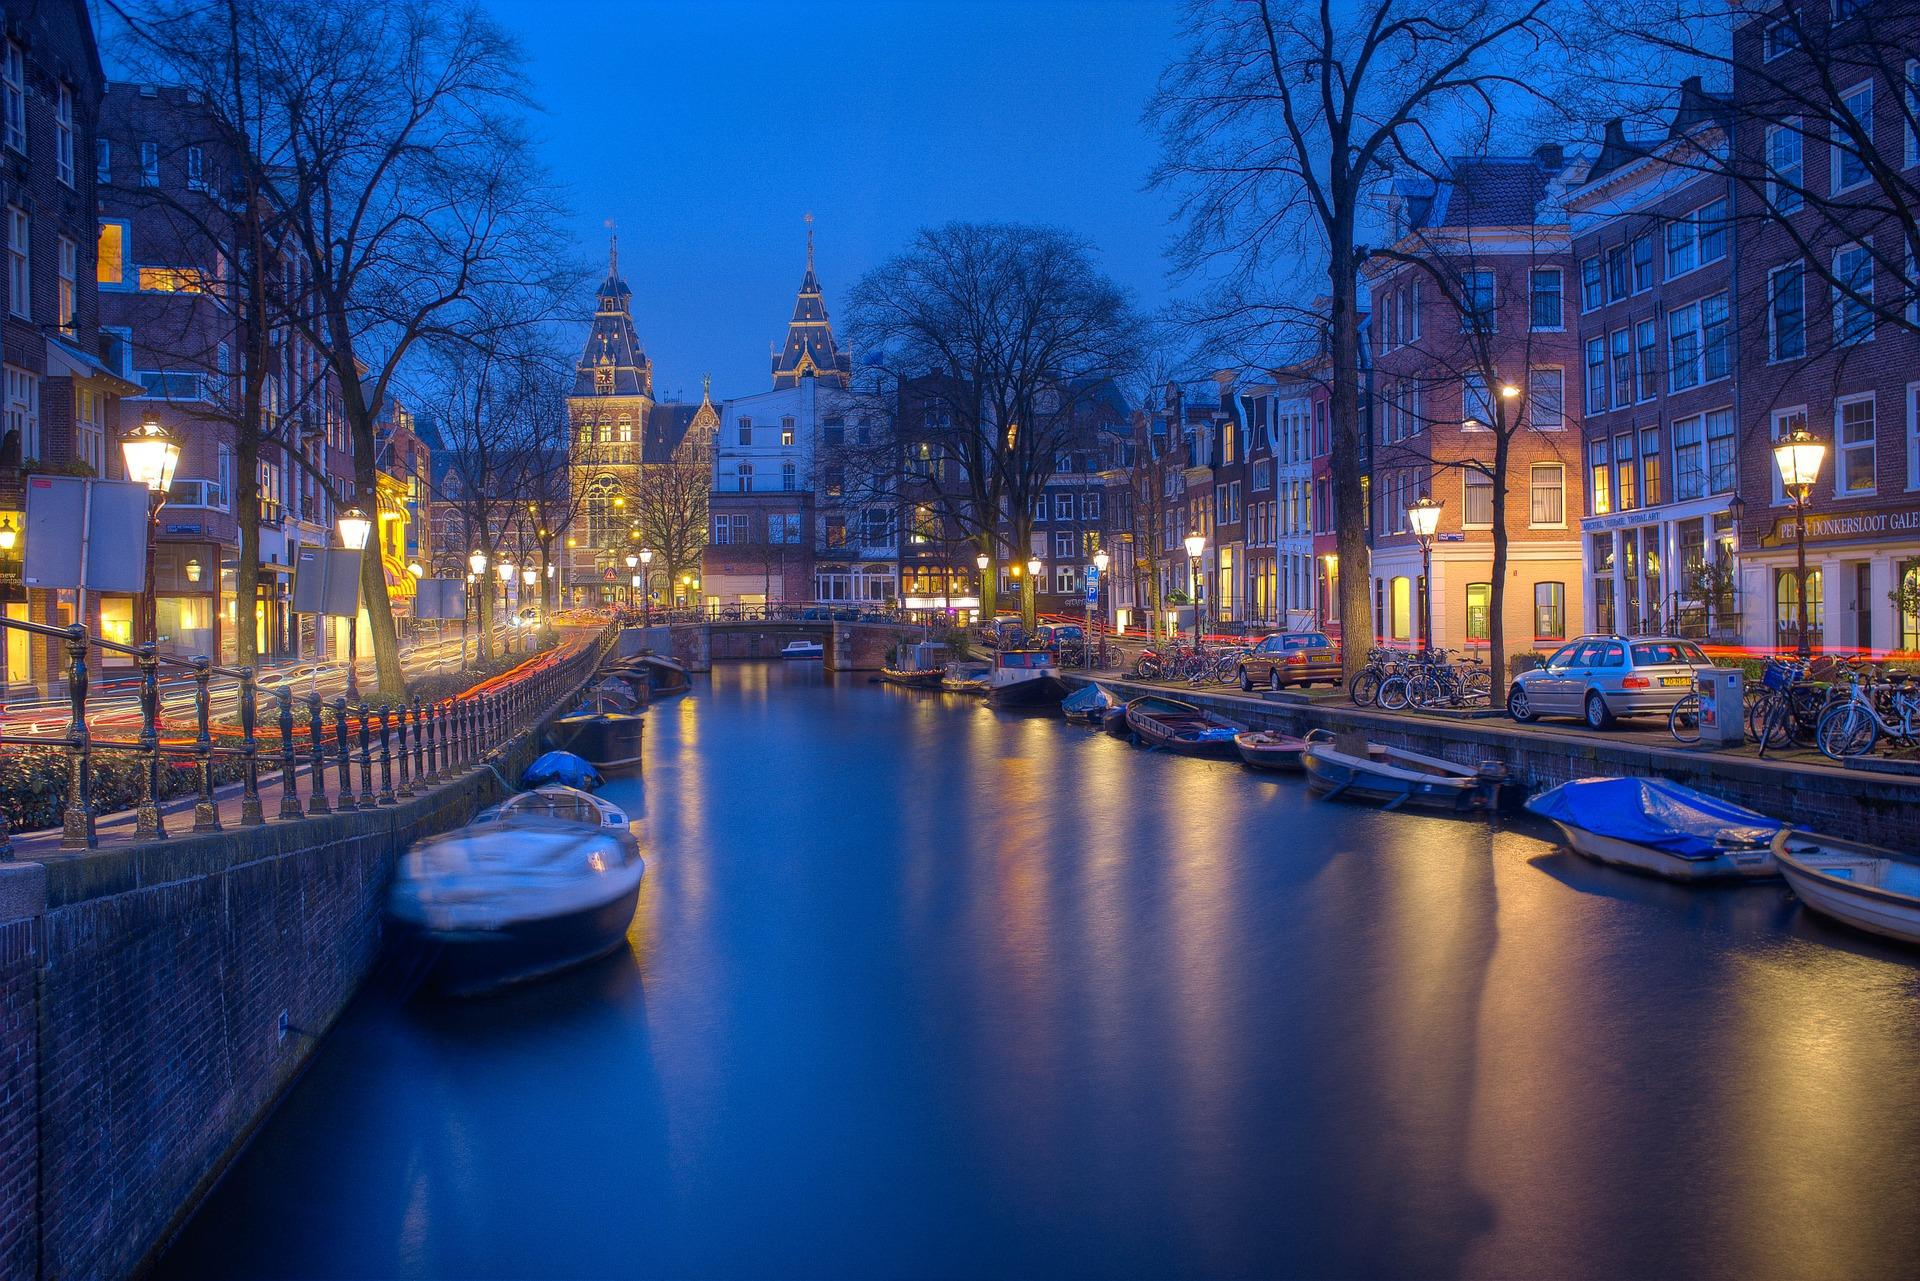 Amsterdam, canali, notte, luci, Barche, serenità - Sfondi HD - Professor-falken.com